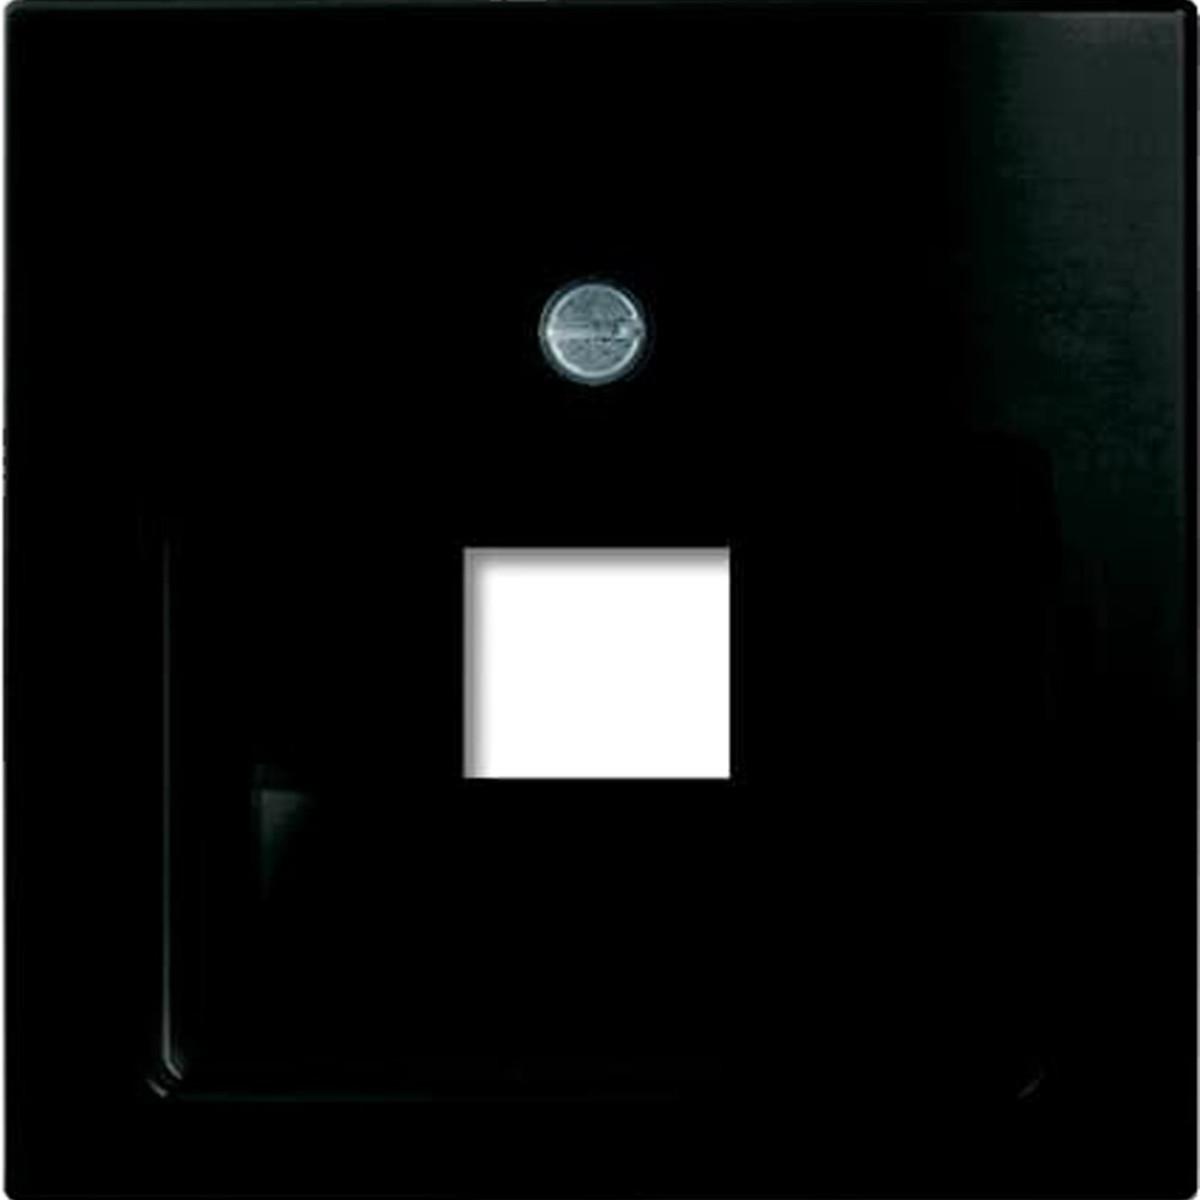 Розетка ABB Basic 55 1803-95-507